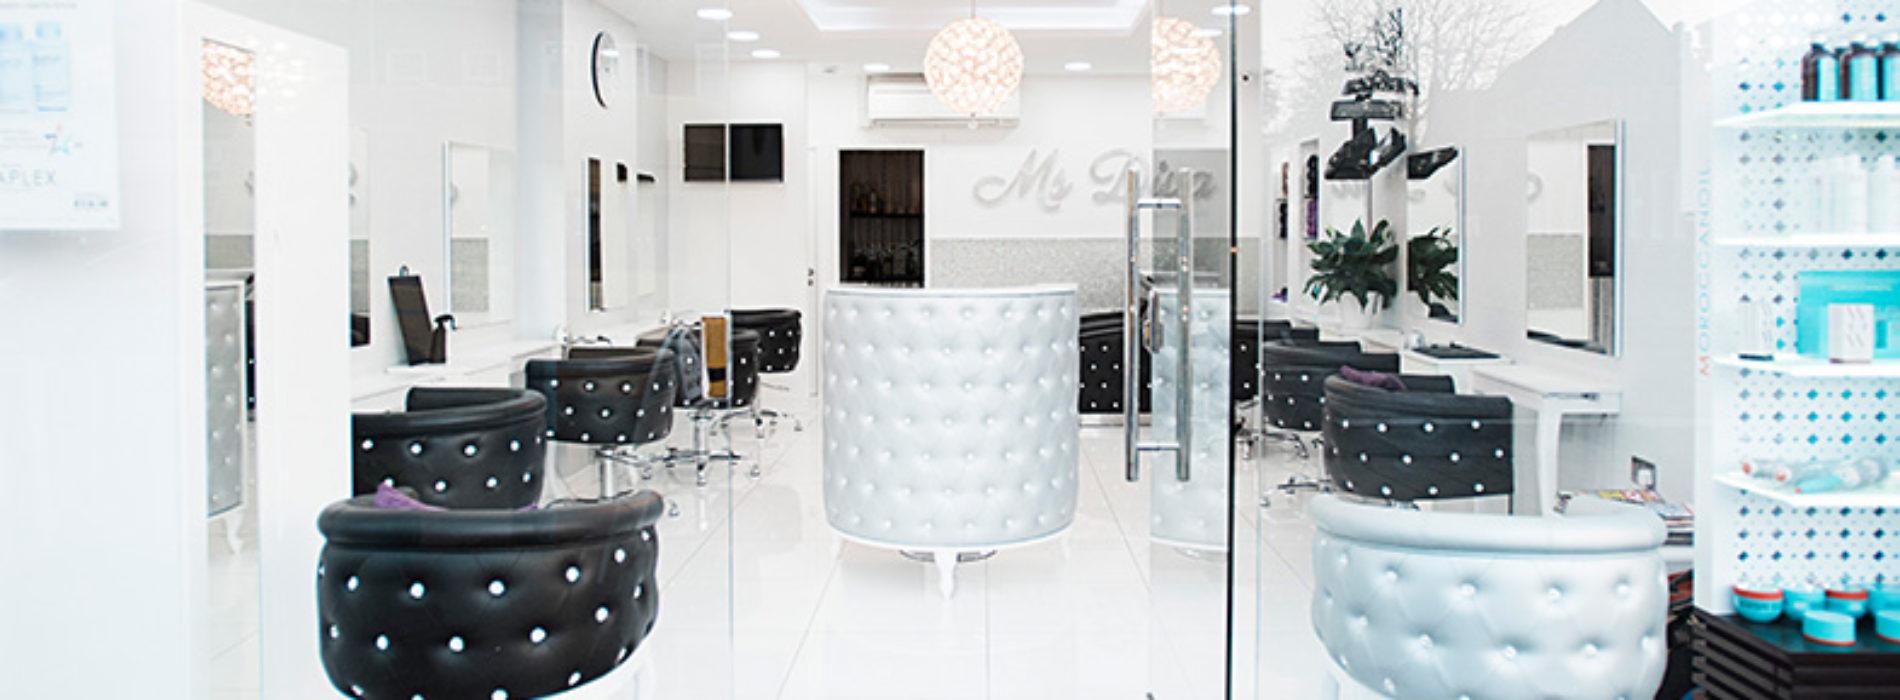 Wyposażenie dla fryzjerów – profesjonalna oferta